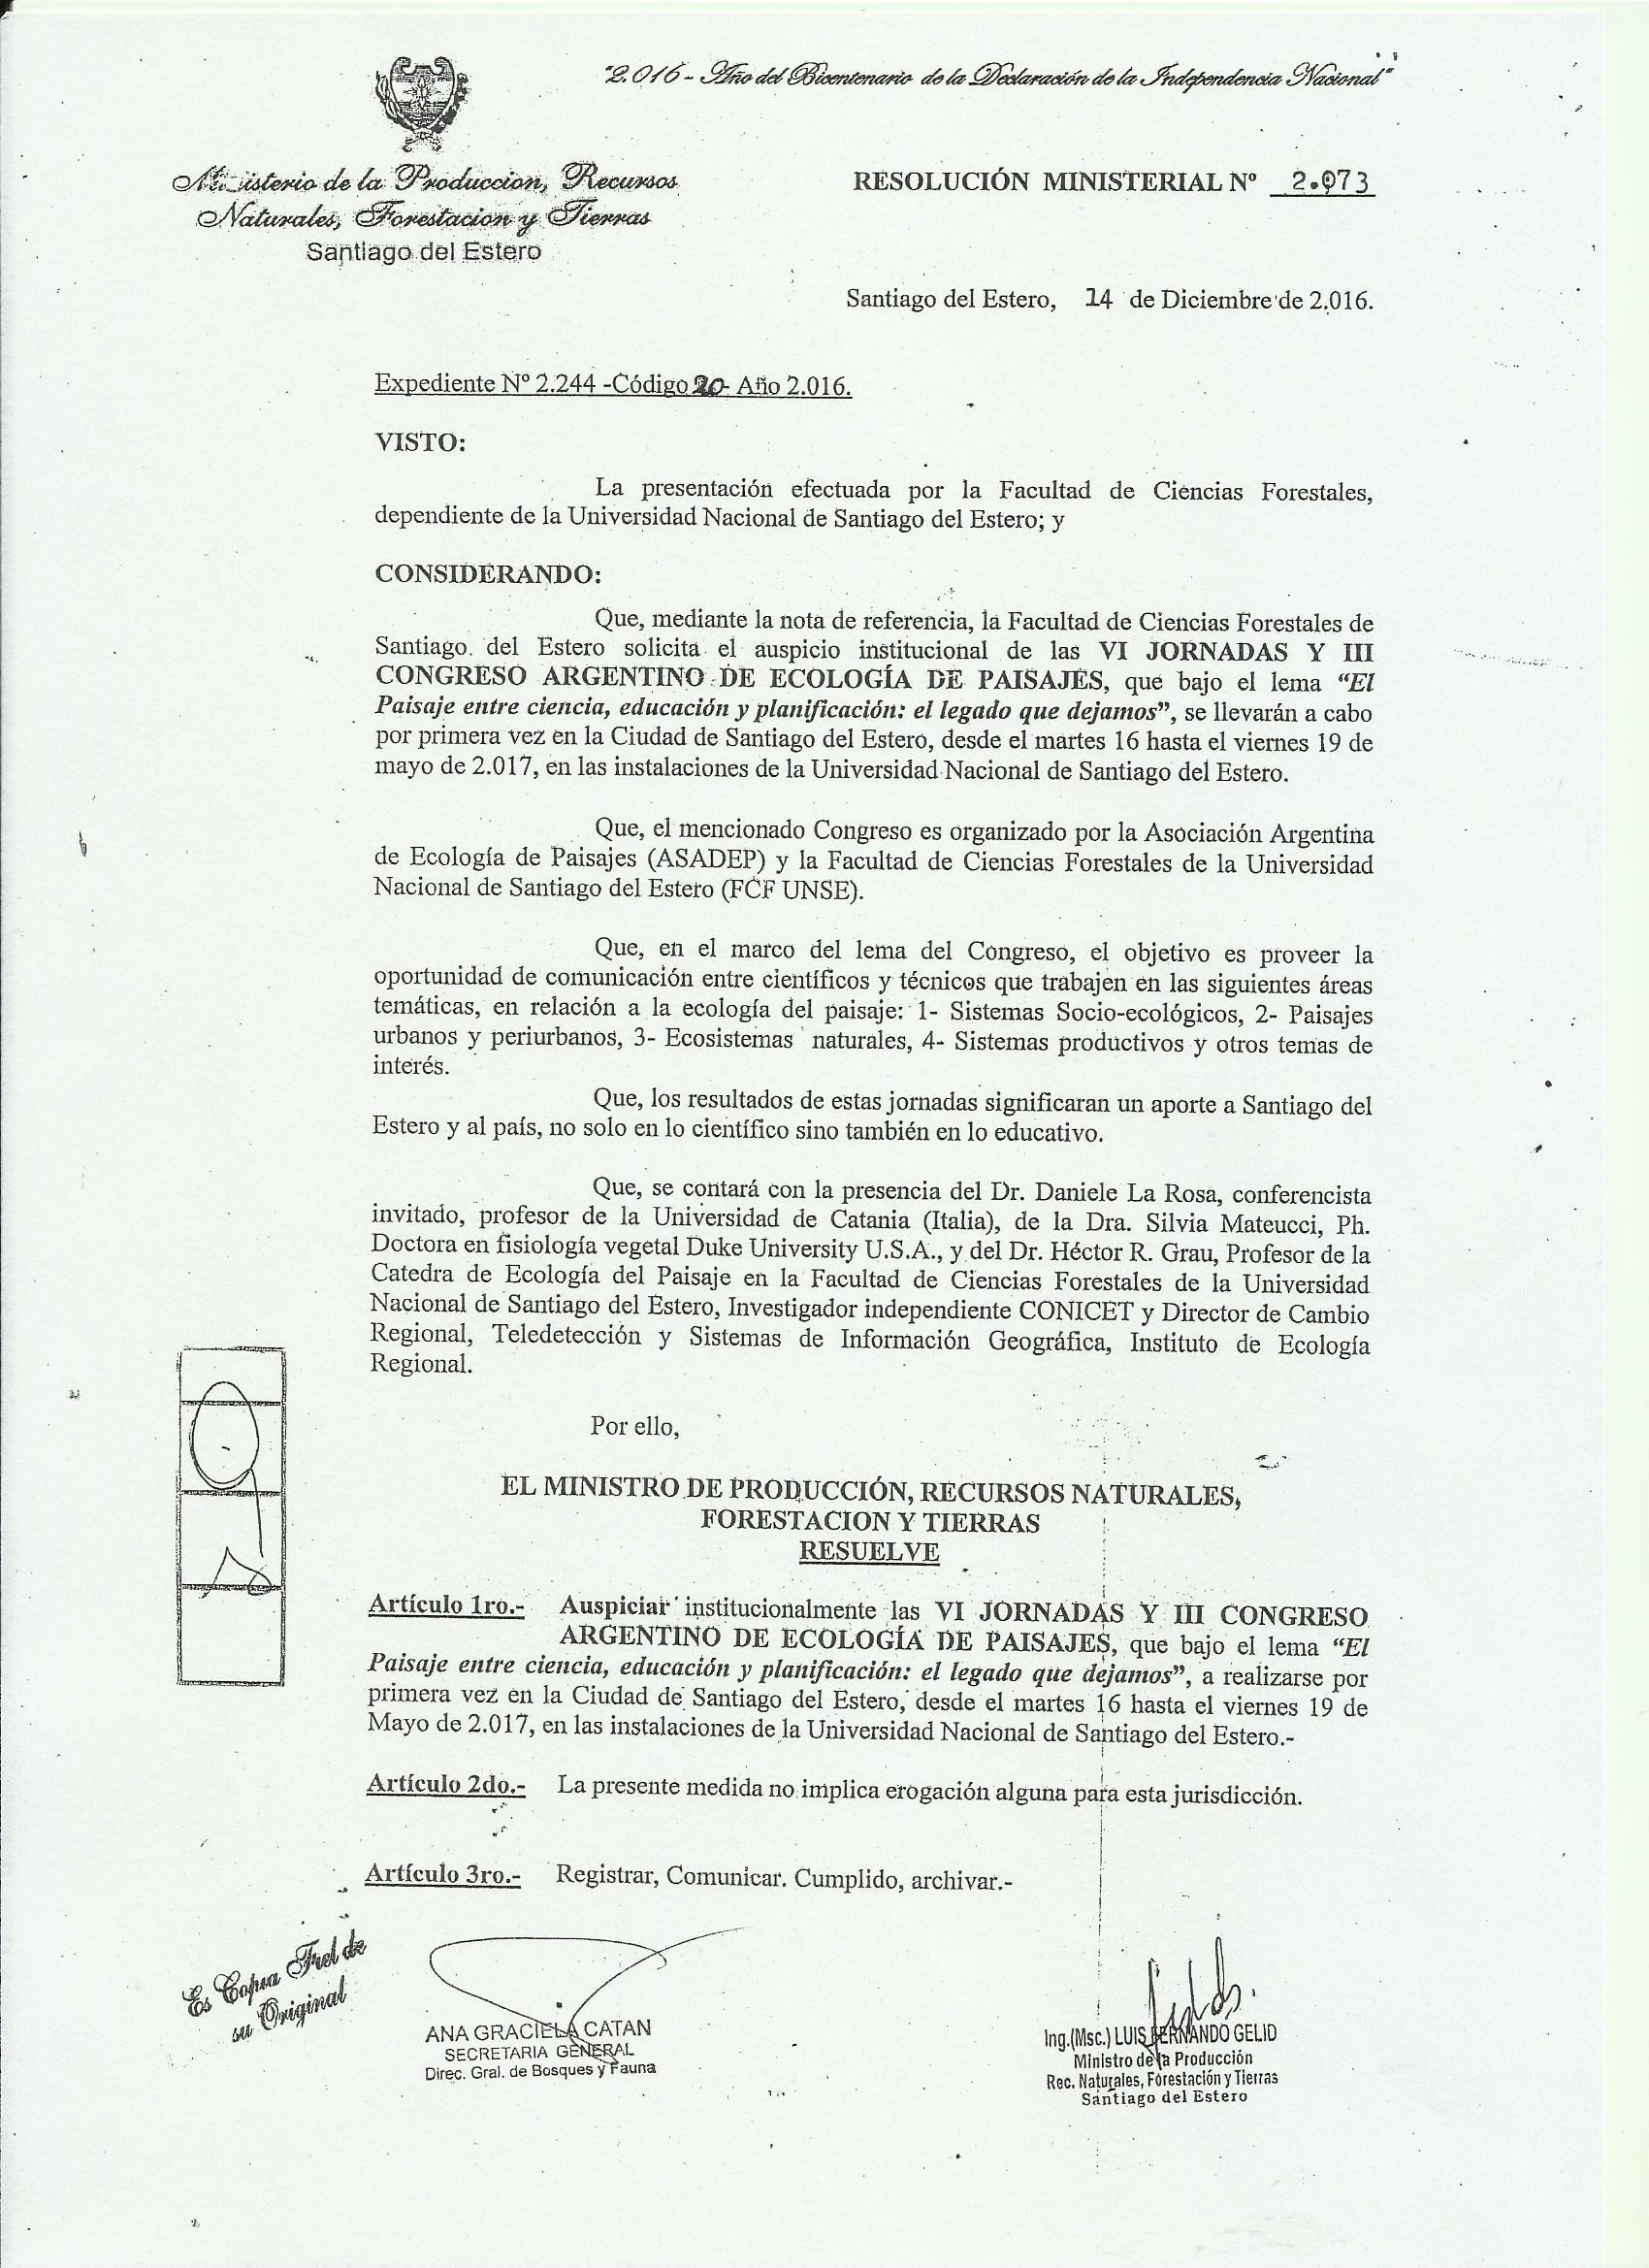 Declaración de interés: Ministerio de la Producción, Recursos Naturales, Forestación y Tierras de Santiago del Estero